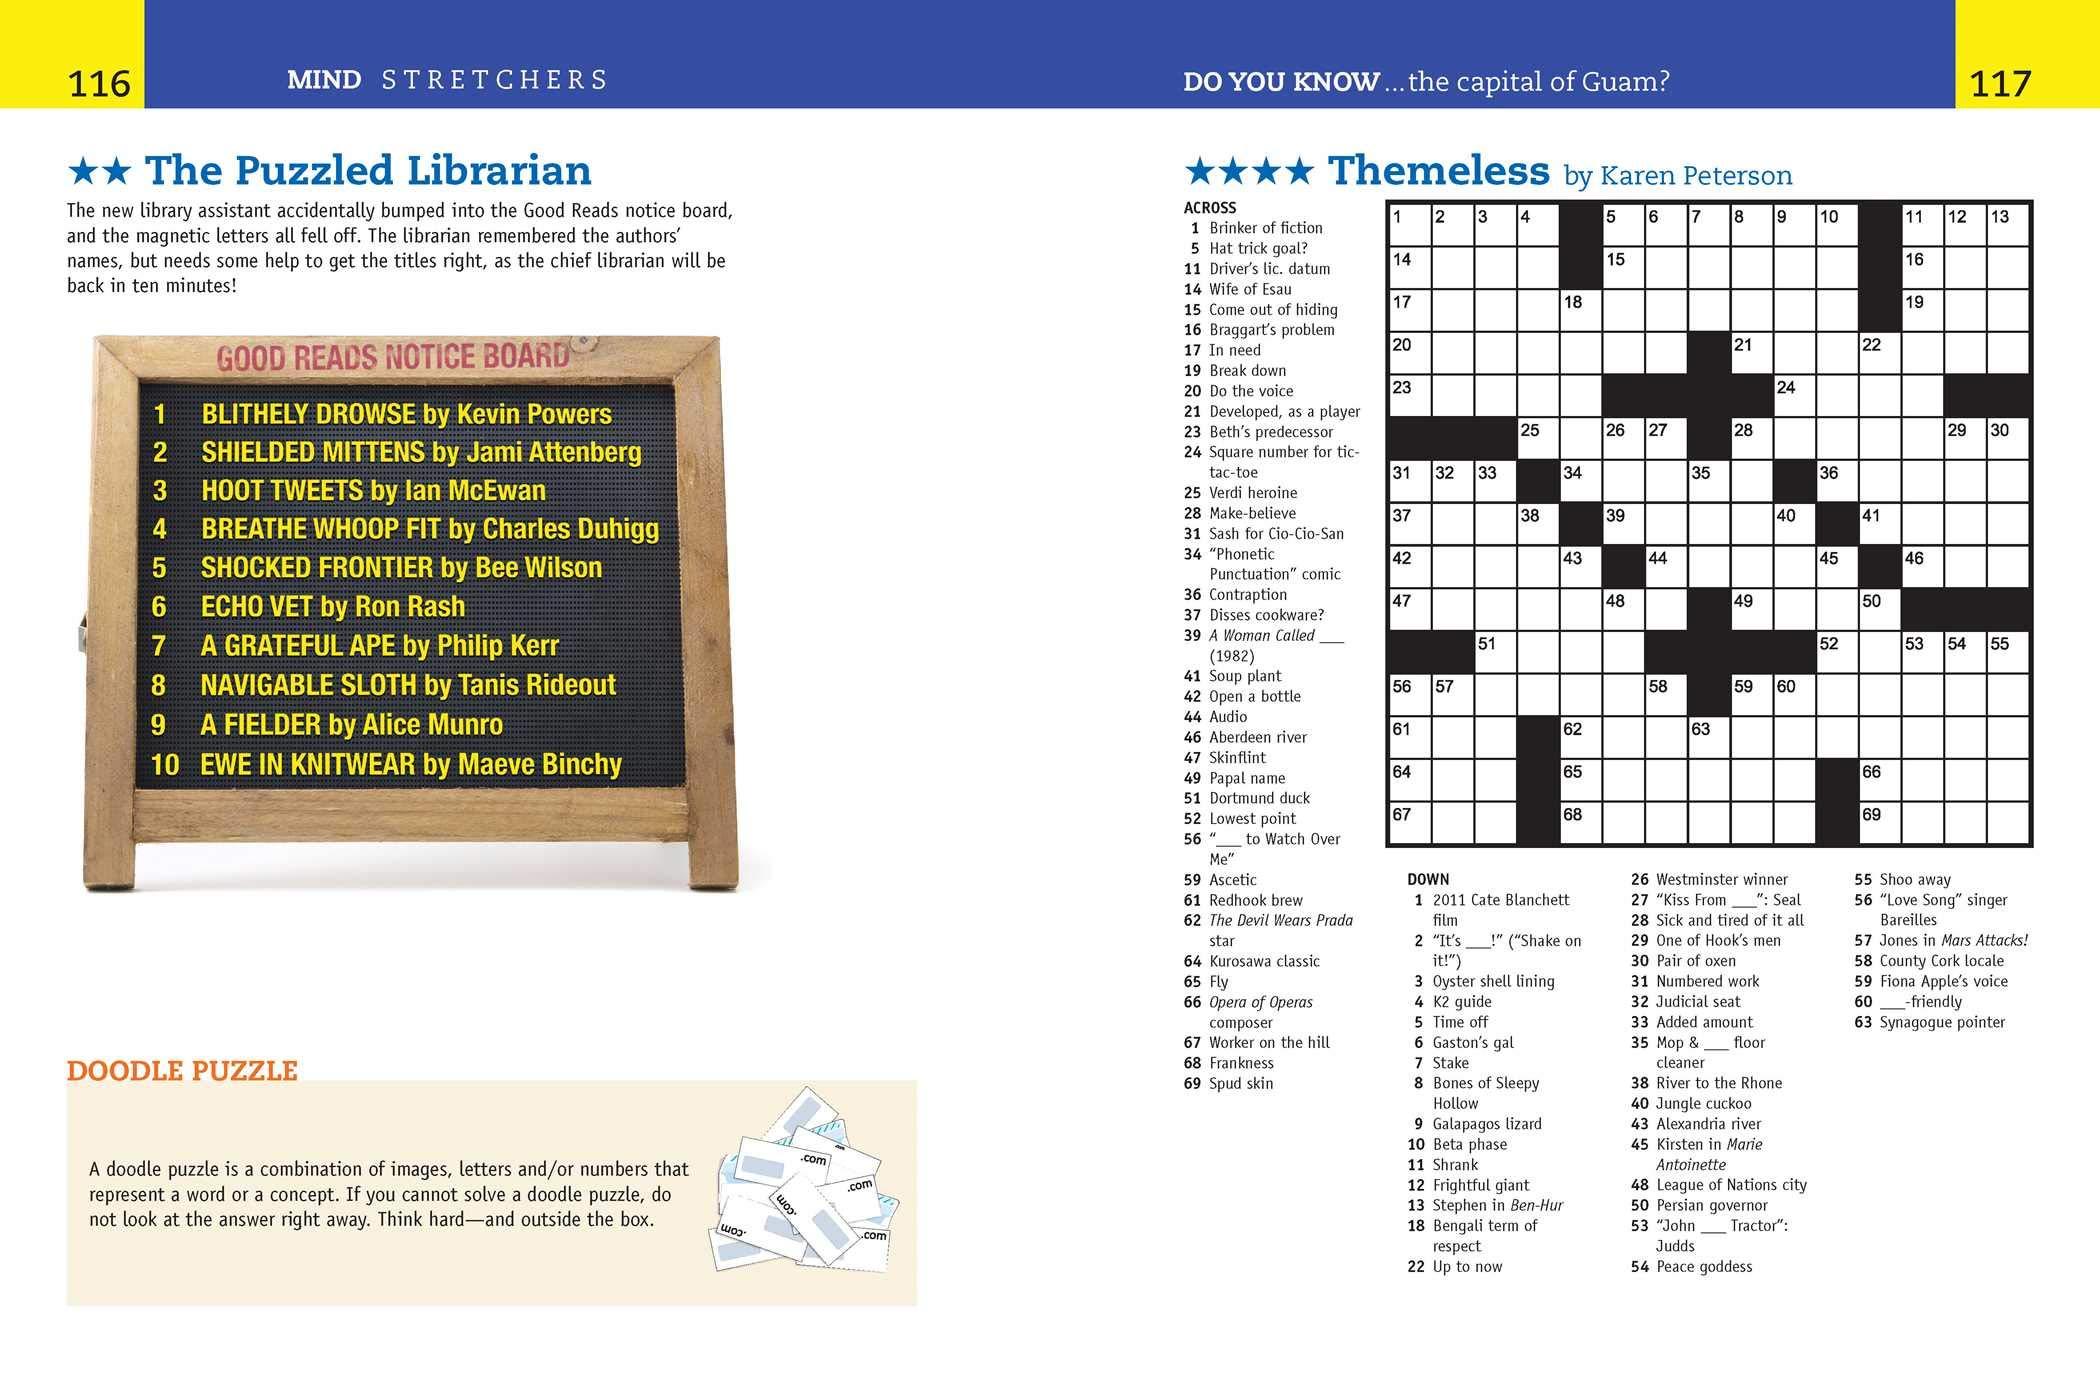 Reader S Digest Mind Stretchers Puzzle Book Number Puzzles Crosswords Word Searches Logic Puzzles Surprises 1 Amazon Co Uk Bragdon Allen D 9781621453512 Books